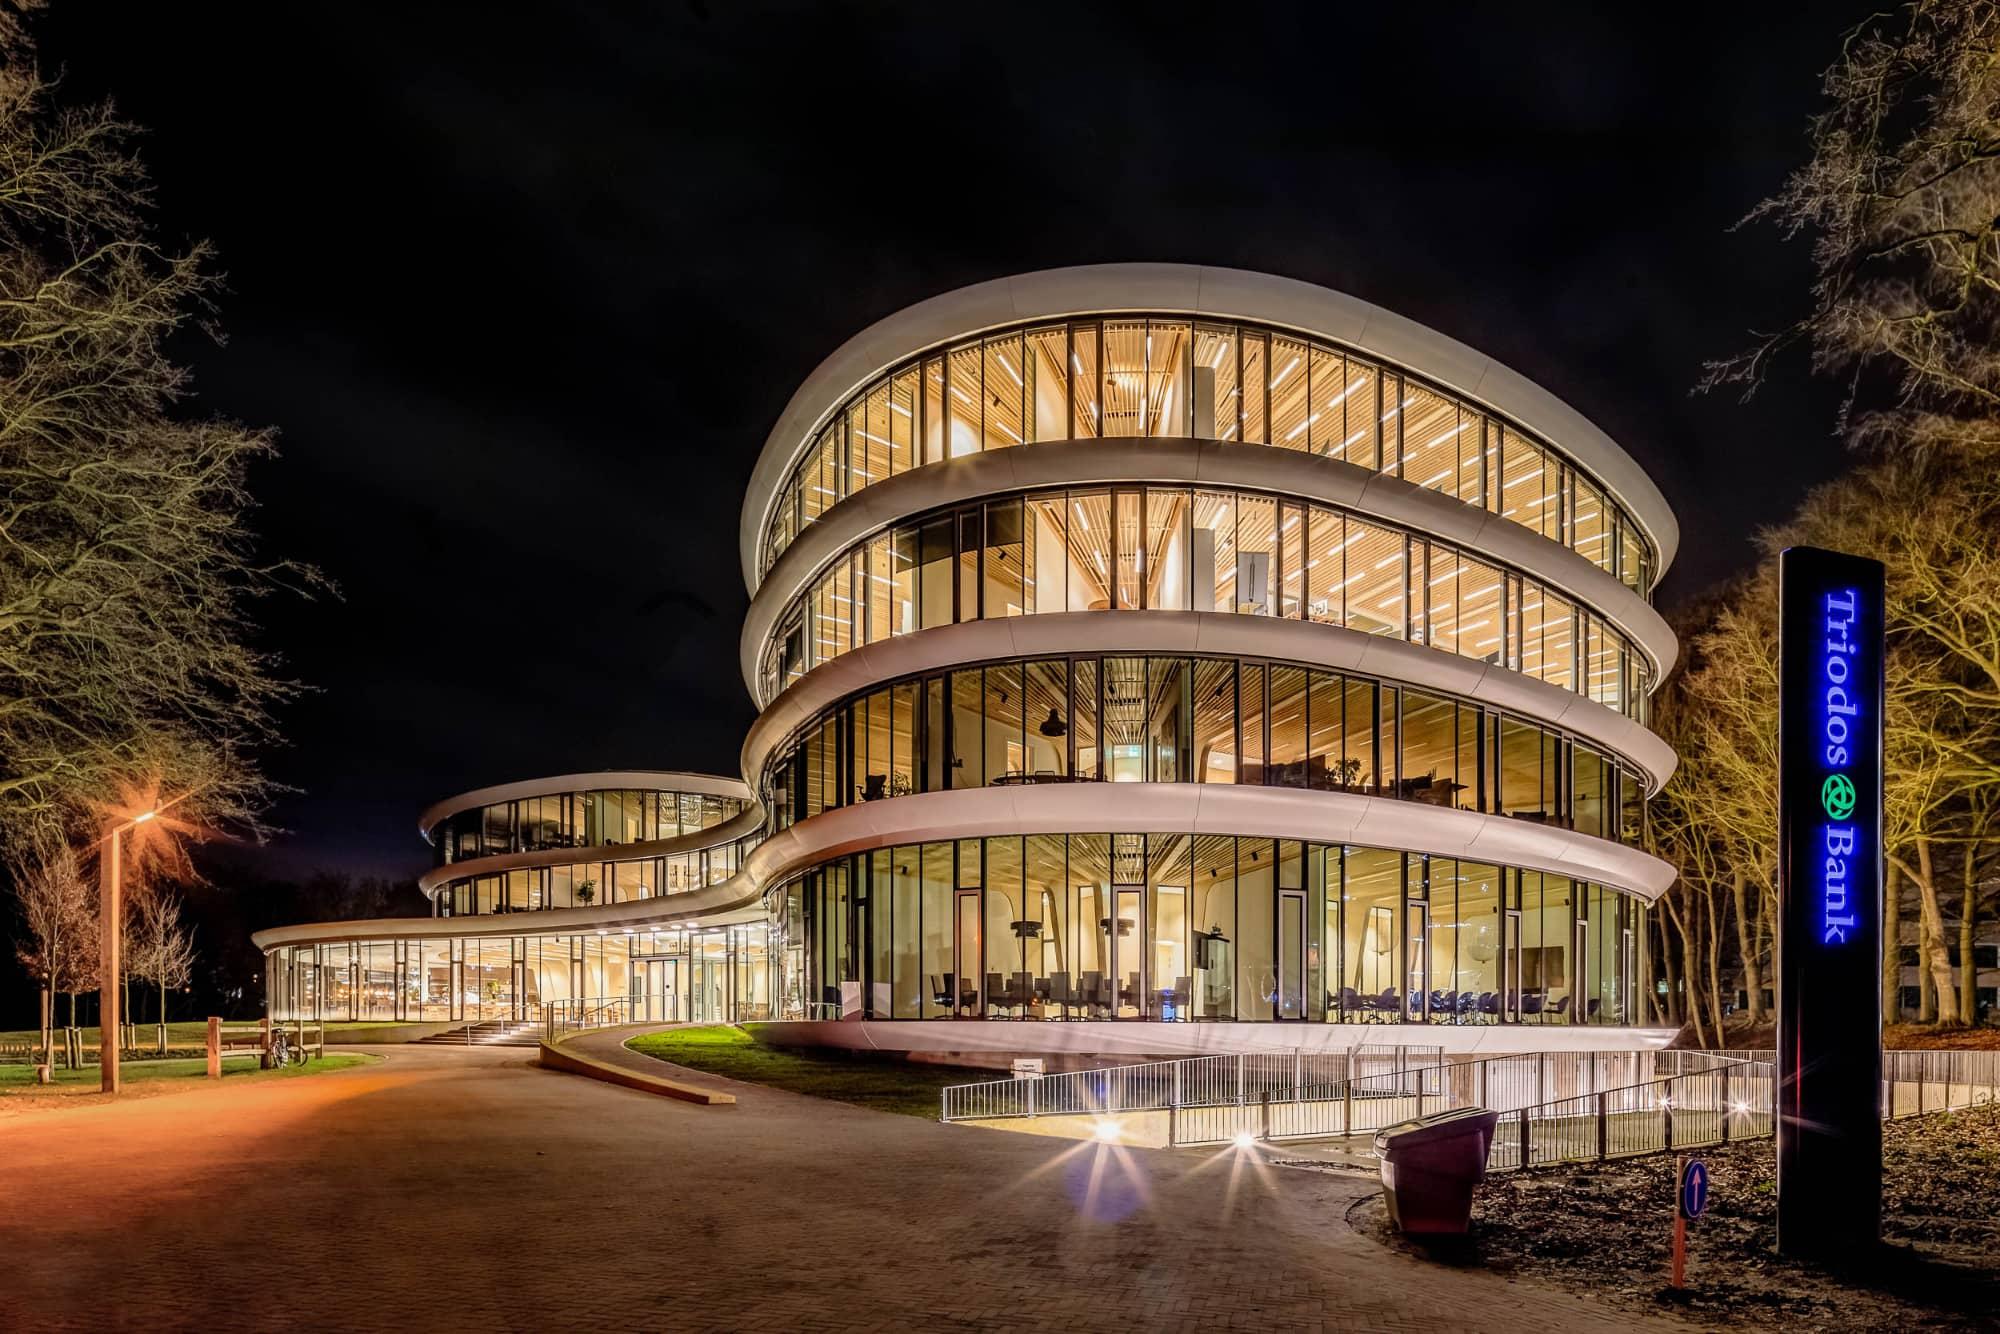 Architectuurfoto Triodos Bank gebouw door Jaap Lotstra